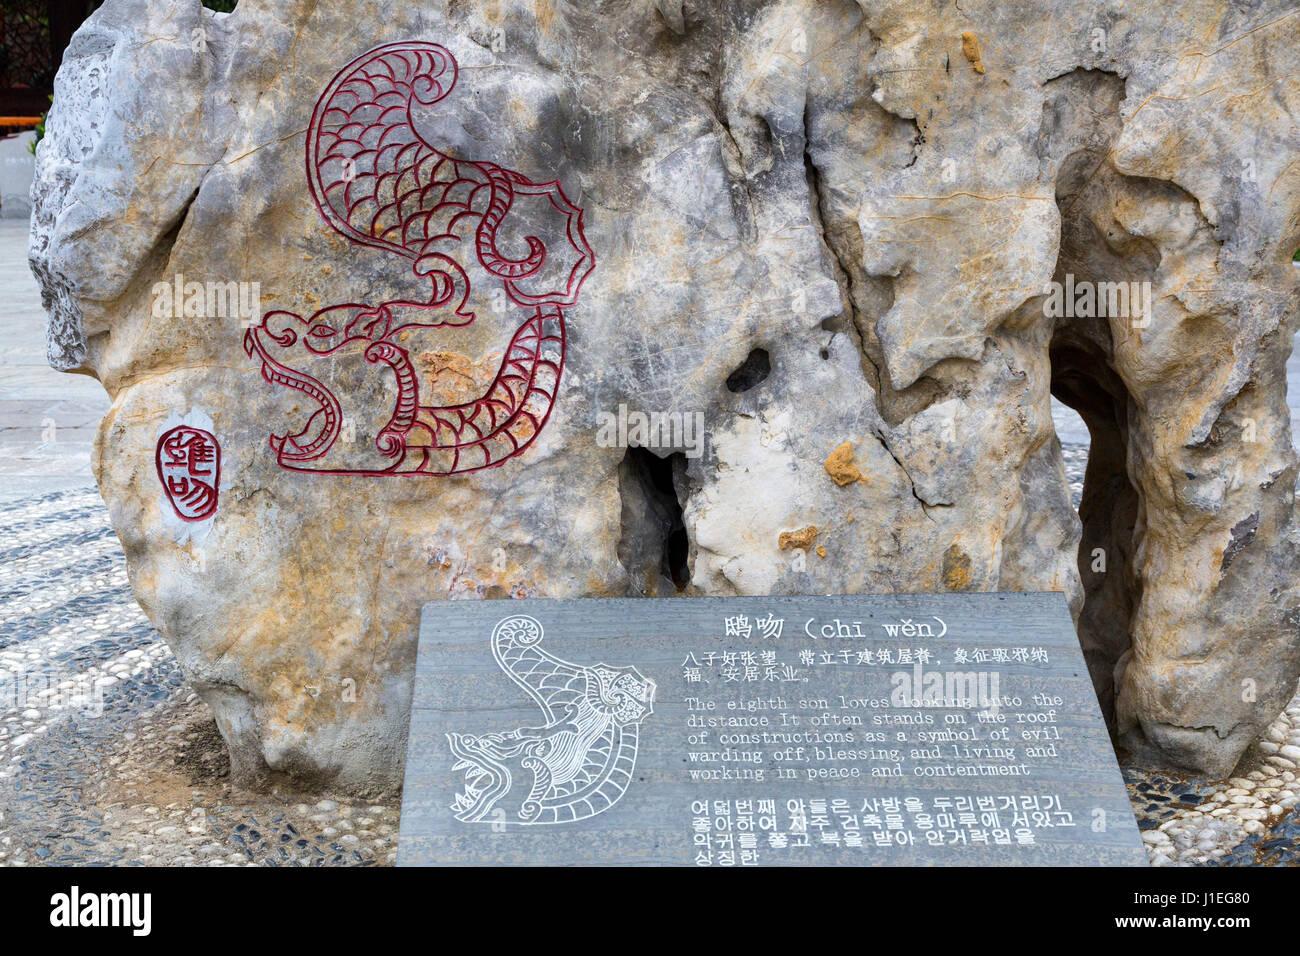 Cina, Guizhou, Dragon Palace Scenic Area. Disegno di Chiwen, ottavo figlio del drago che lontananza male da siti Immagini Stock